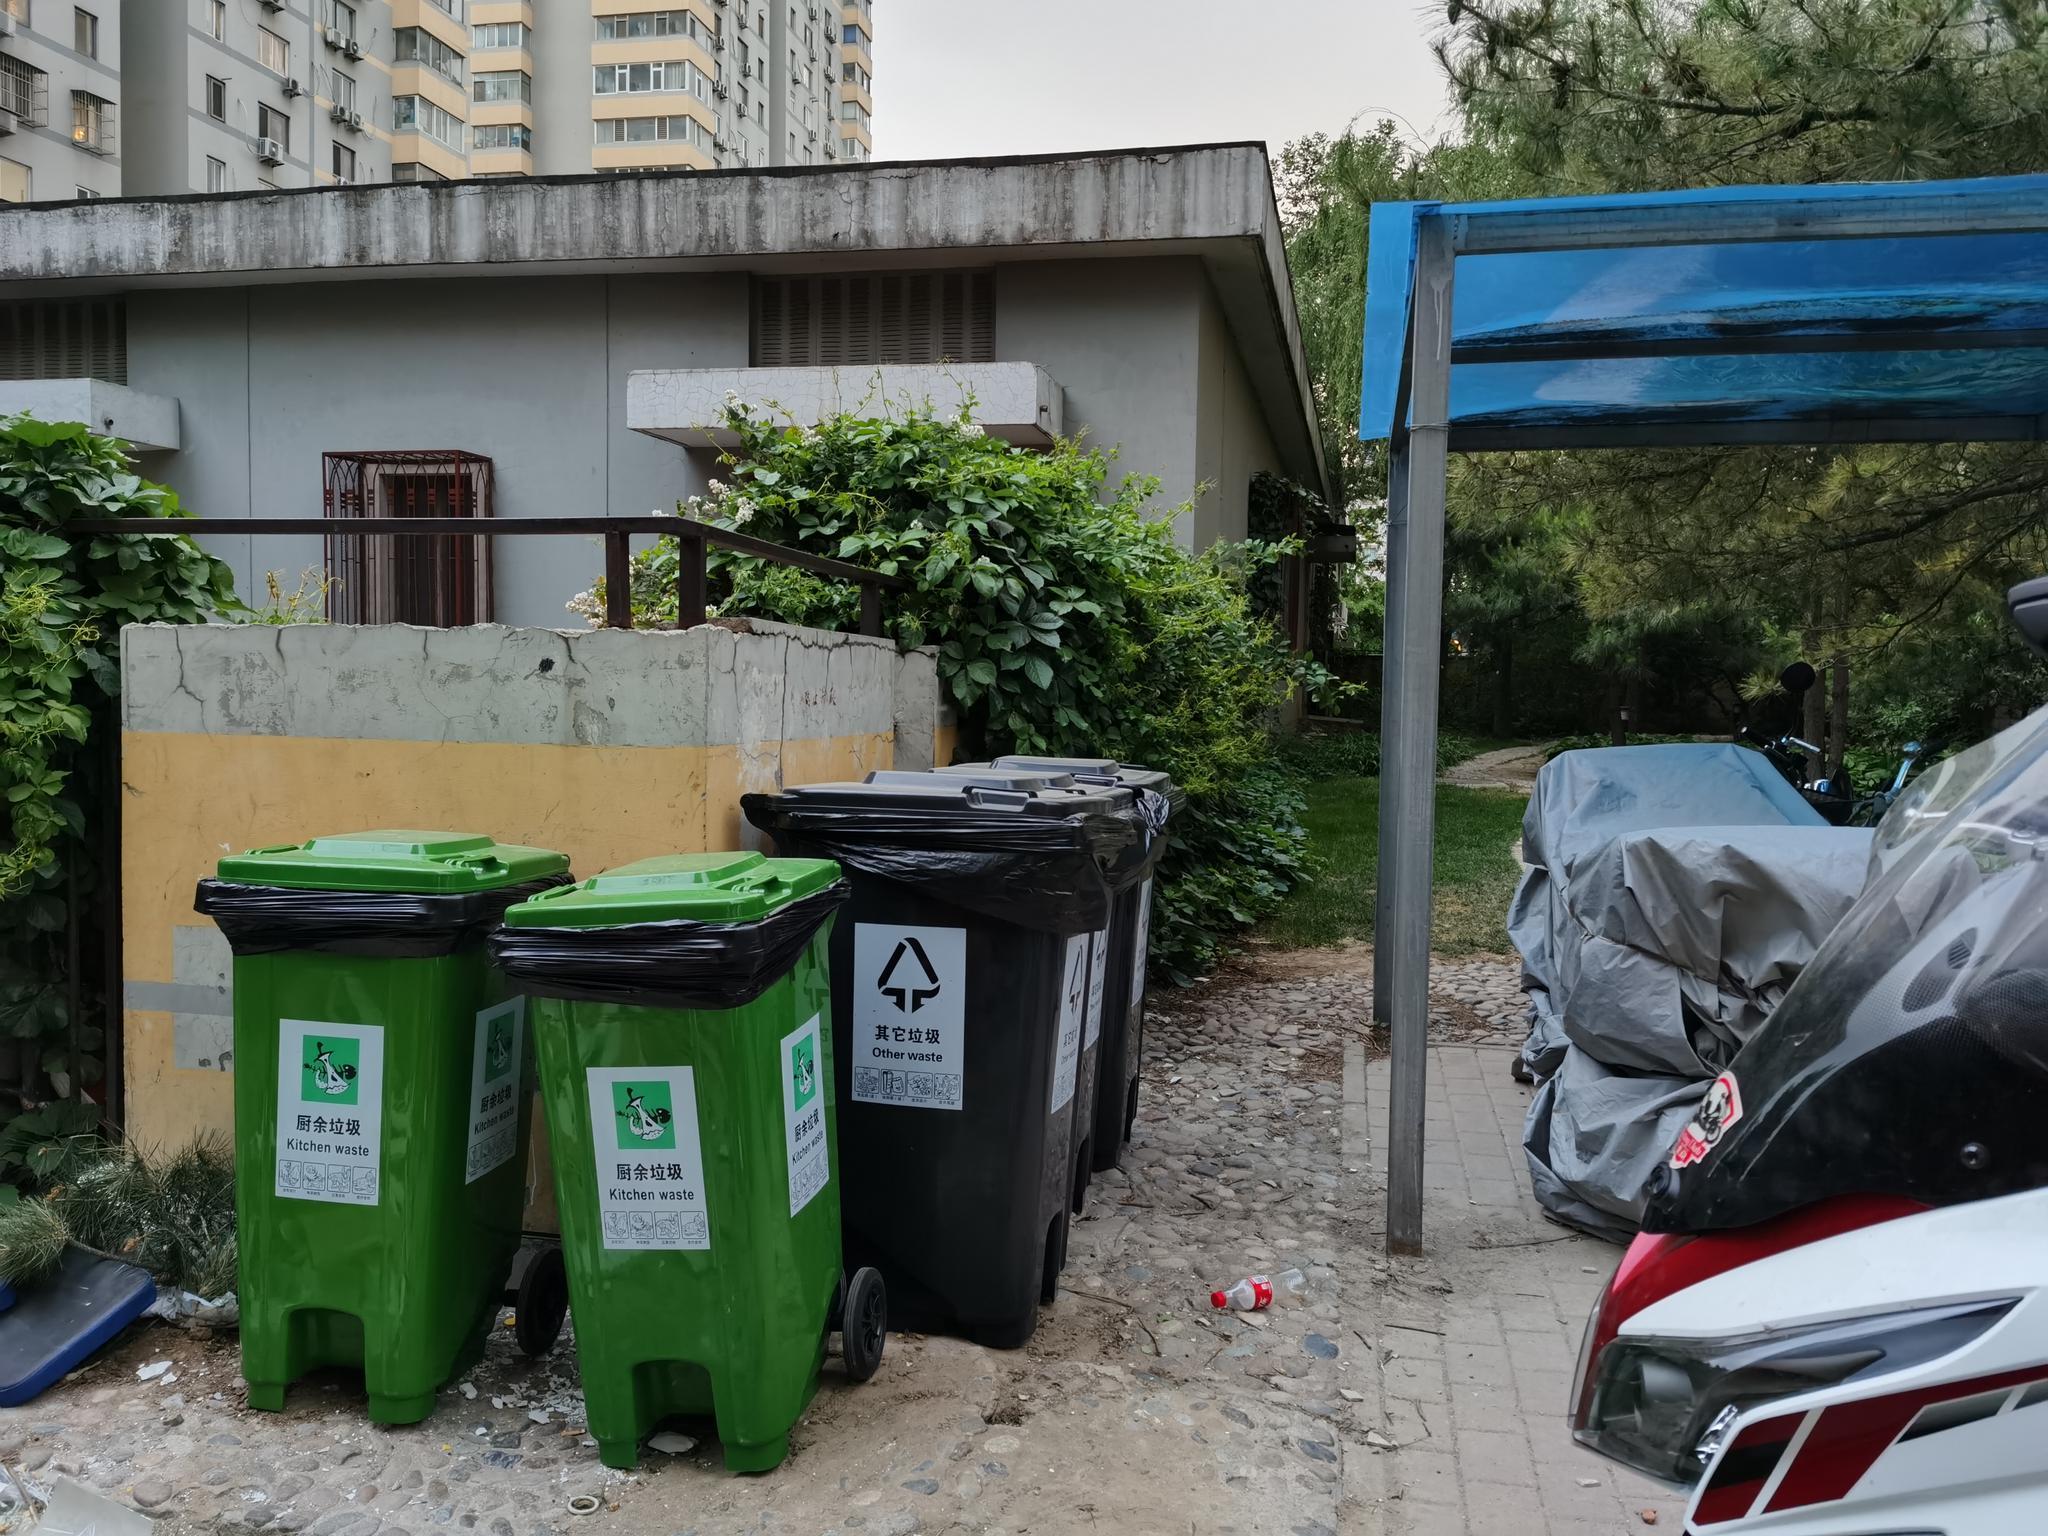 向阳区京通苑楼内垃圾桶即将下楼,每栋楼下竖立了垃圾投放处。摄影/新京报记者 陈琳